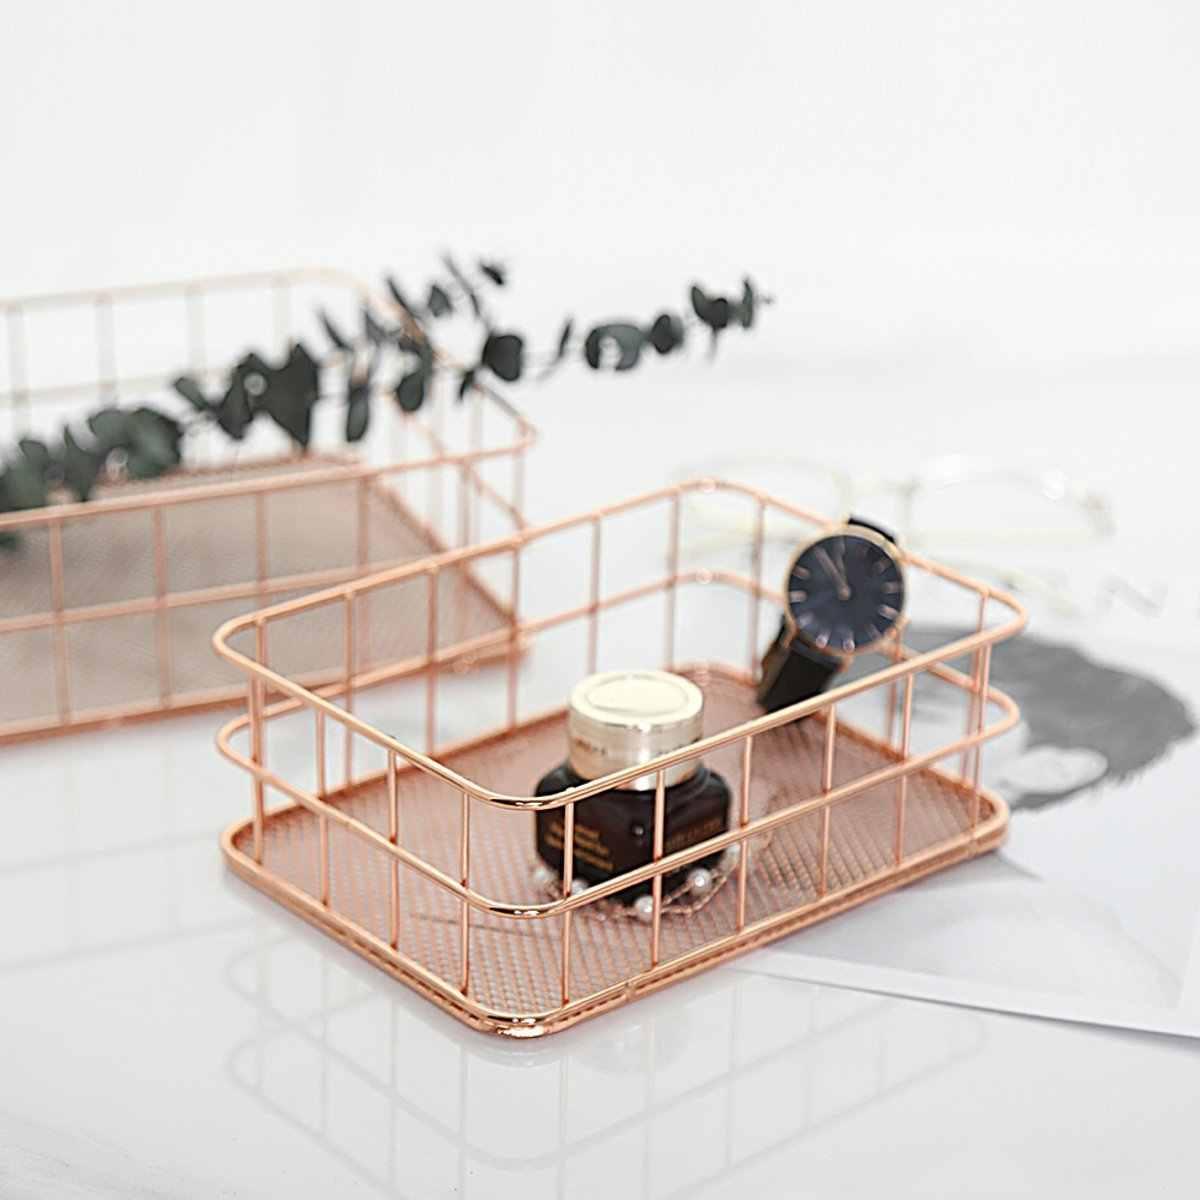 De Metal De luxo Malha Cestos de Armazenamento De Artigos Diversos Cosméticos Titular Banheiro Quarto Organizador Mesa de Escritório Em Casa Decoração em Ouro Rosa